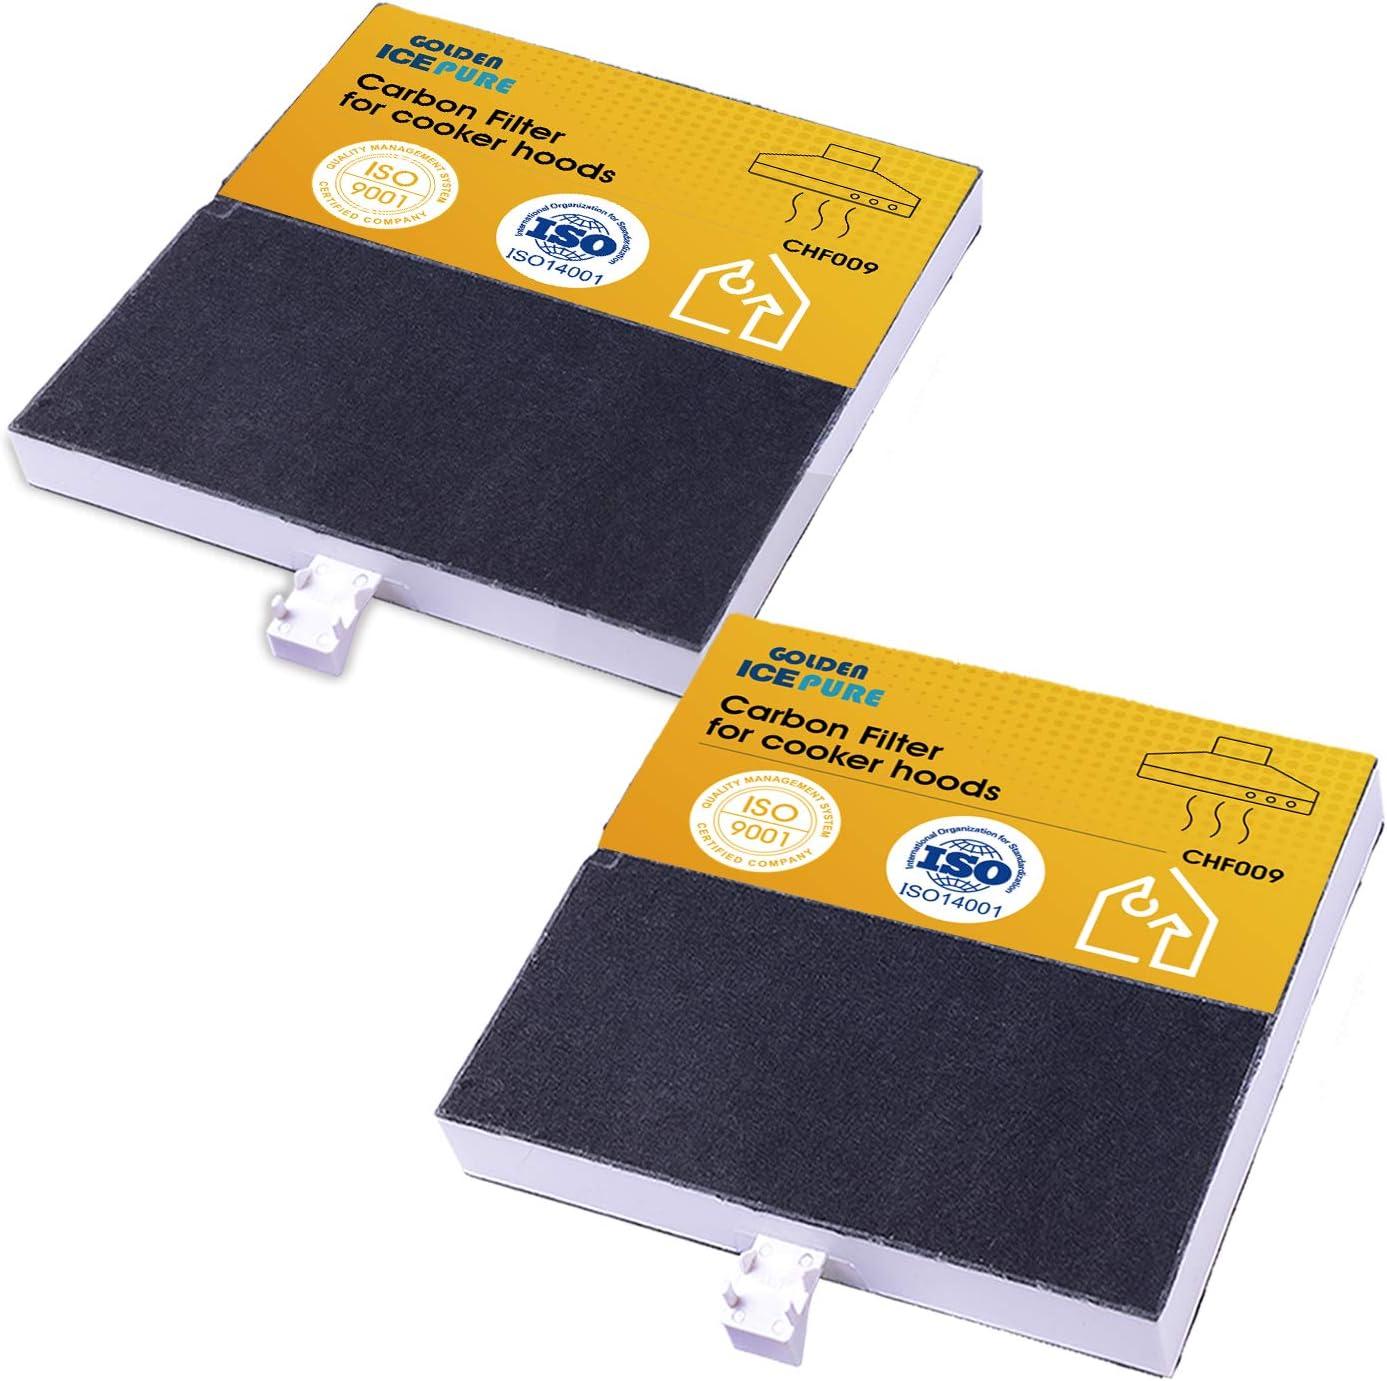 GOLDEN ICEPURE Filtro de carbón/filtro/filtro de carbón activo para diversos modelos de campana extractora/hauben/Essen de Balay/Bosch/Constructa/Neff: Amazon.es: Grandes electrodomésticos